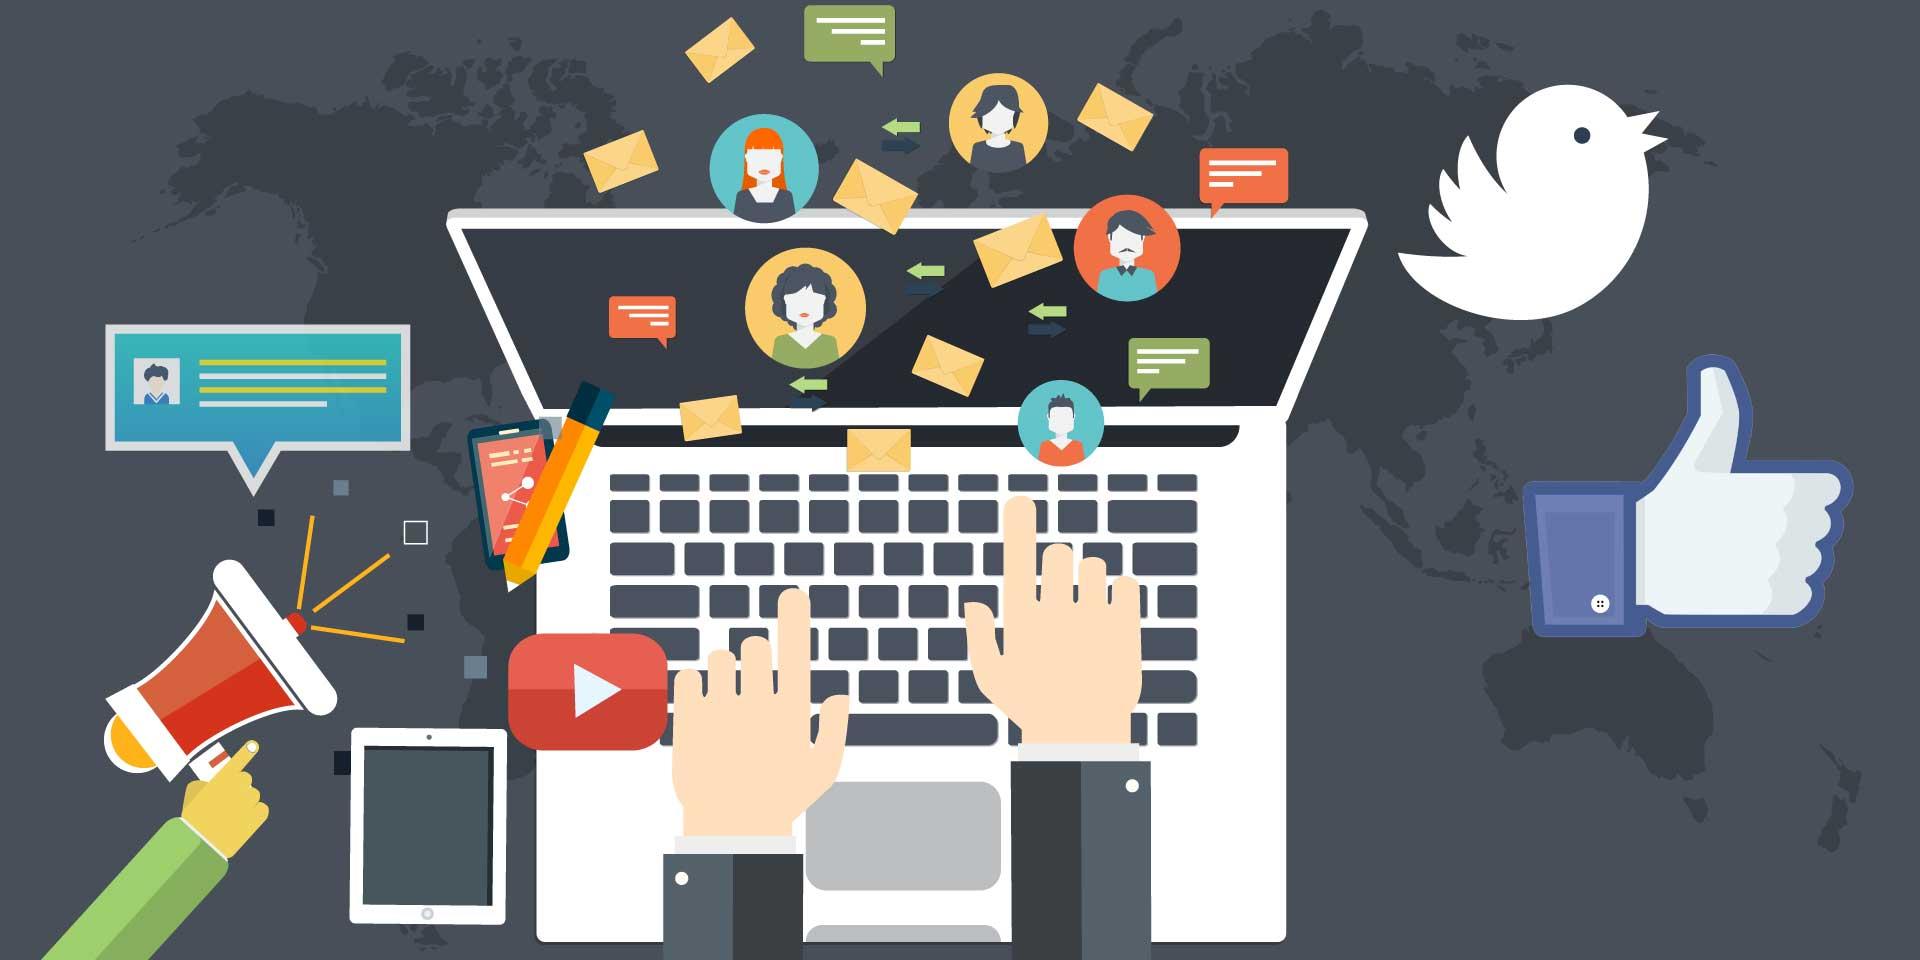 sosyal medya yöneciliği